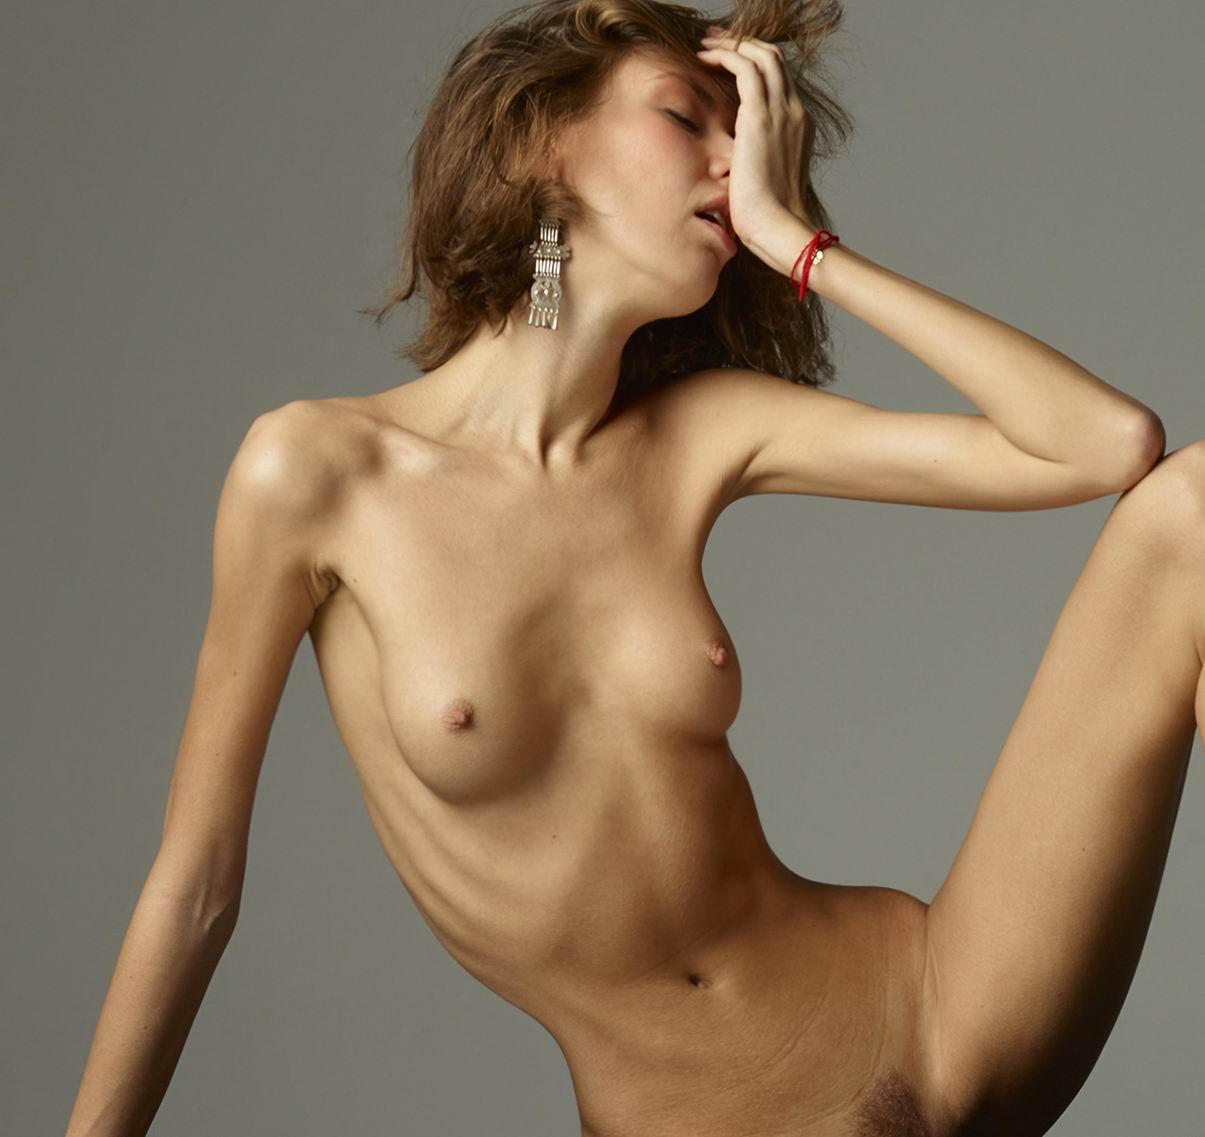 розгами худые девушки видео голые показывала свои